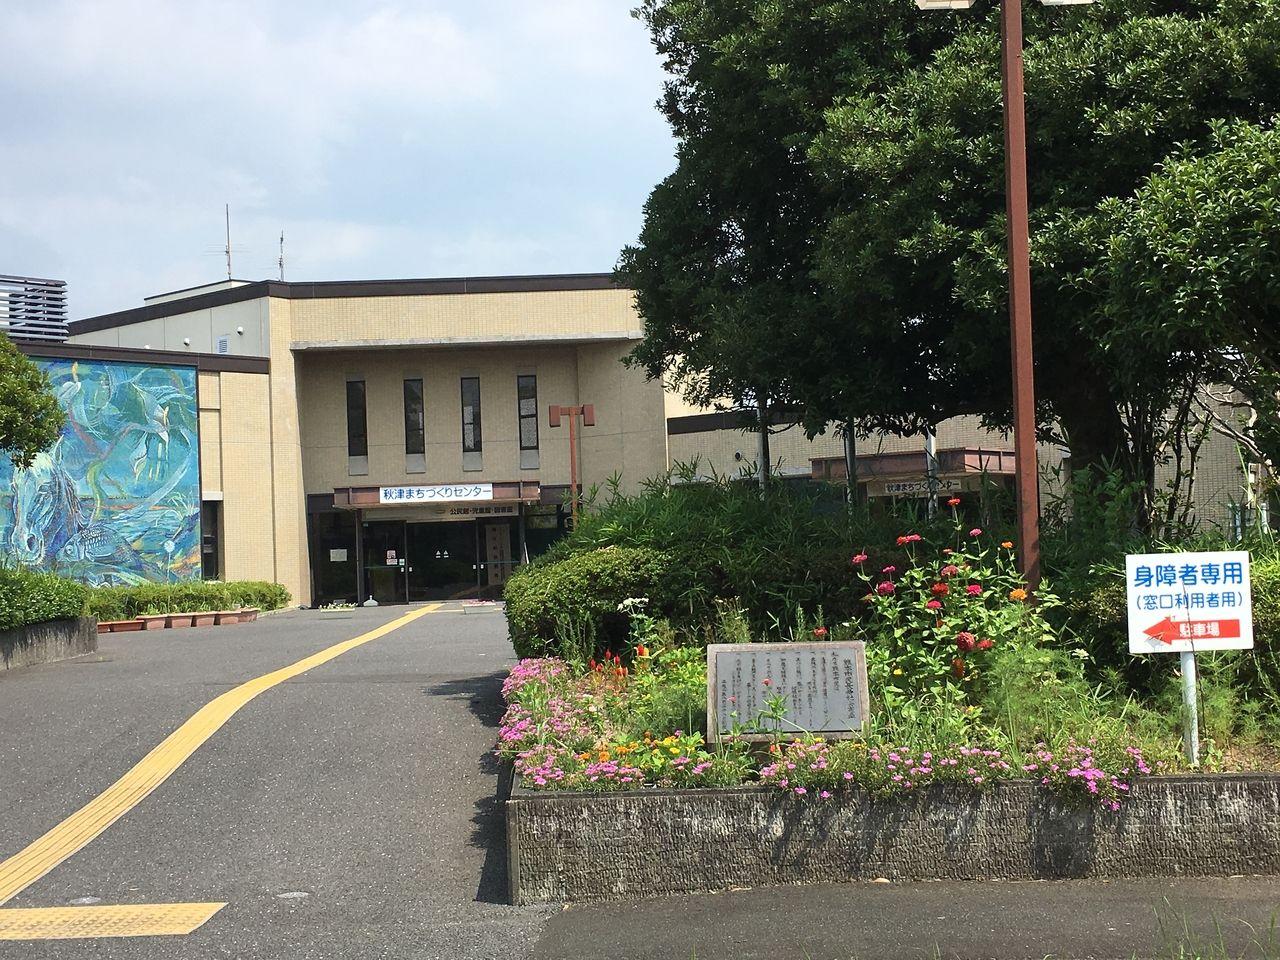 秋津公民館がはいっている東区役所秋津出張所の玄関